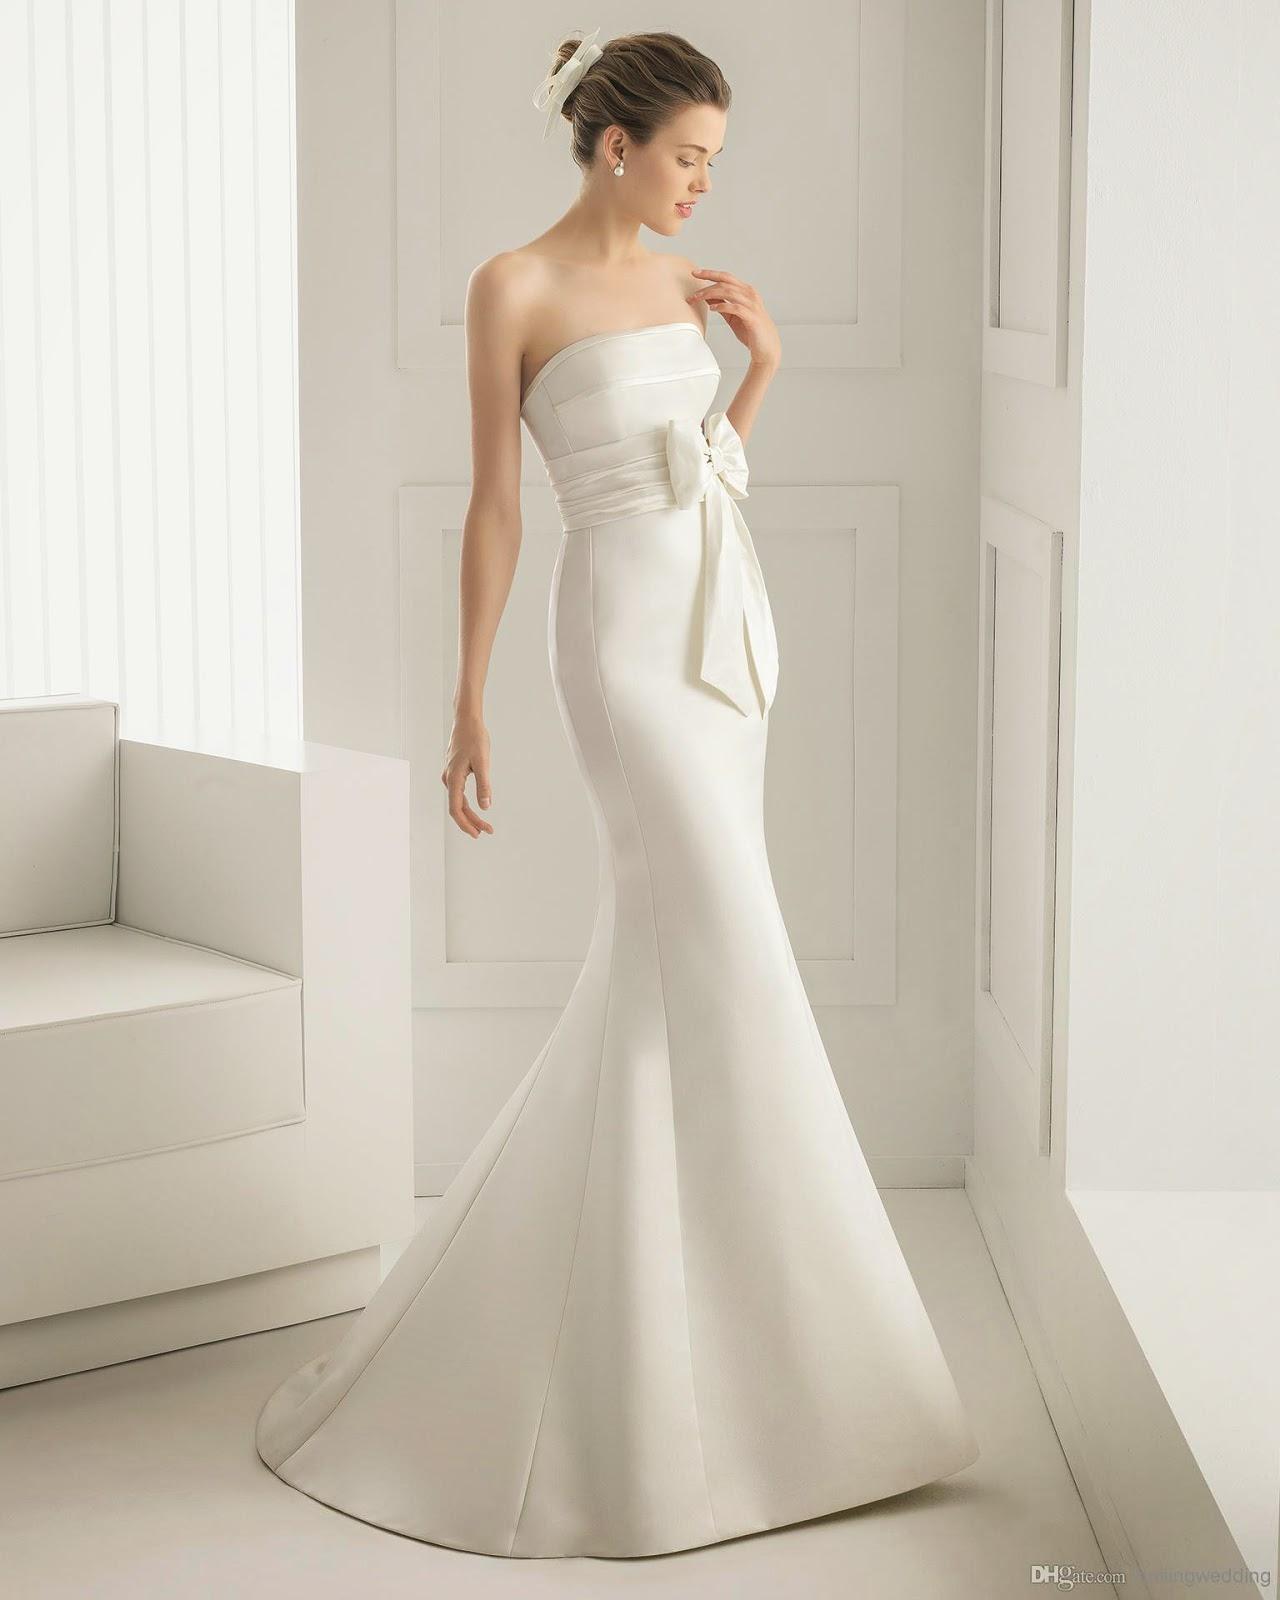 Bridal Wedding Gowns Fashion The Best 2015 Mermaid